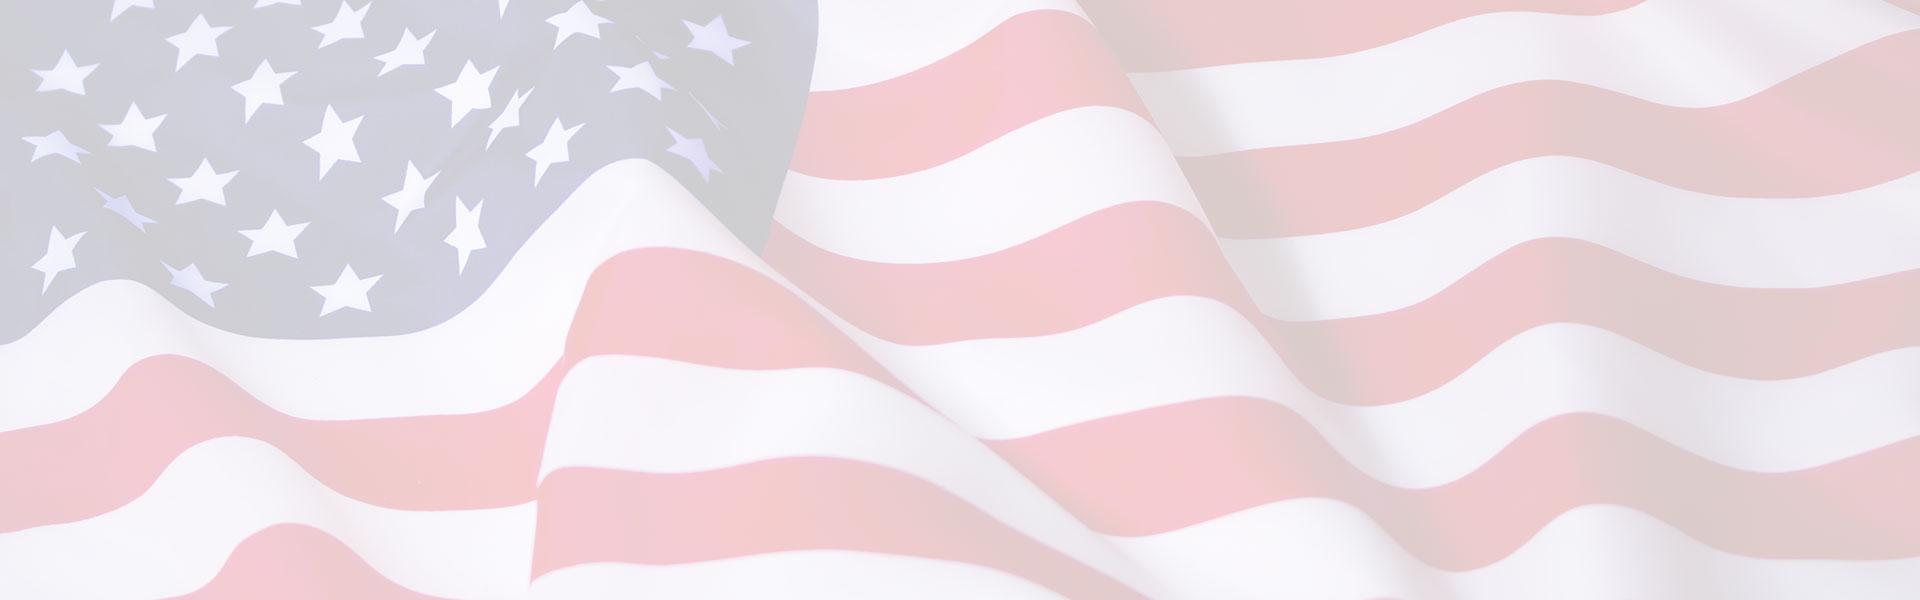 Lõi lọc Carbon Tiêu chuẩn Mỹ